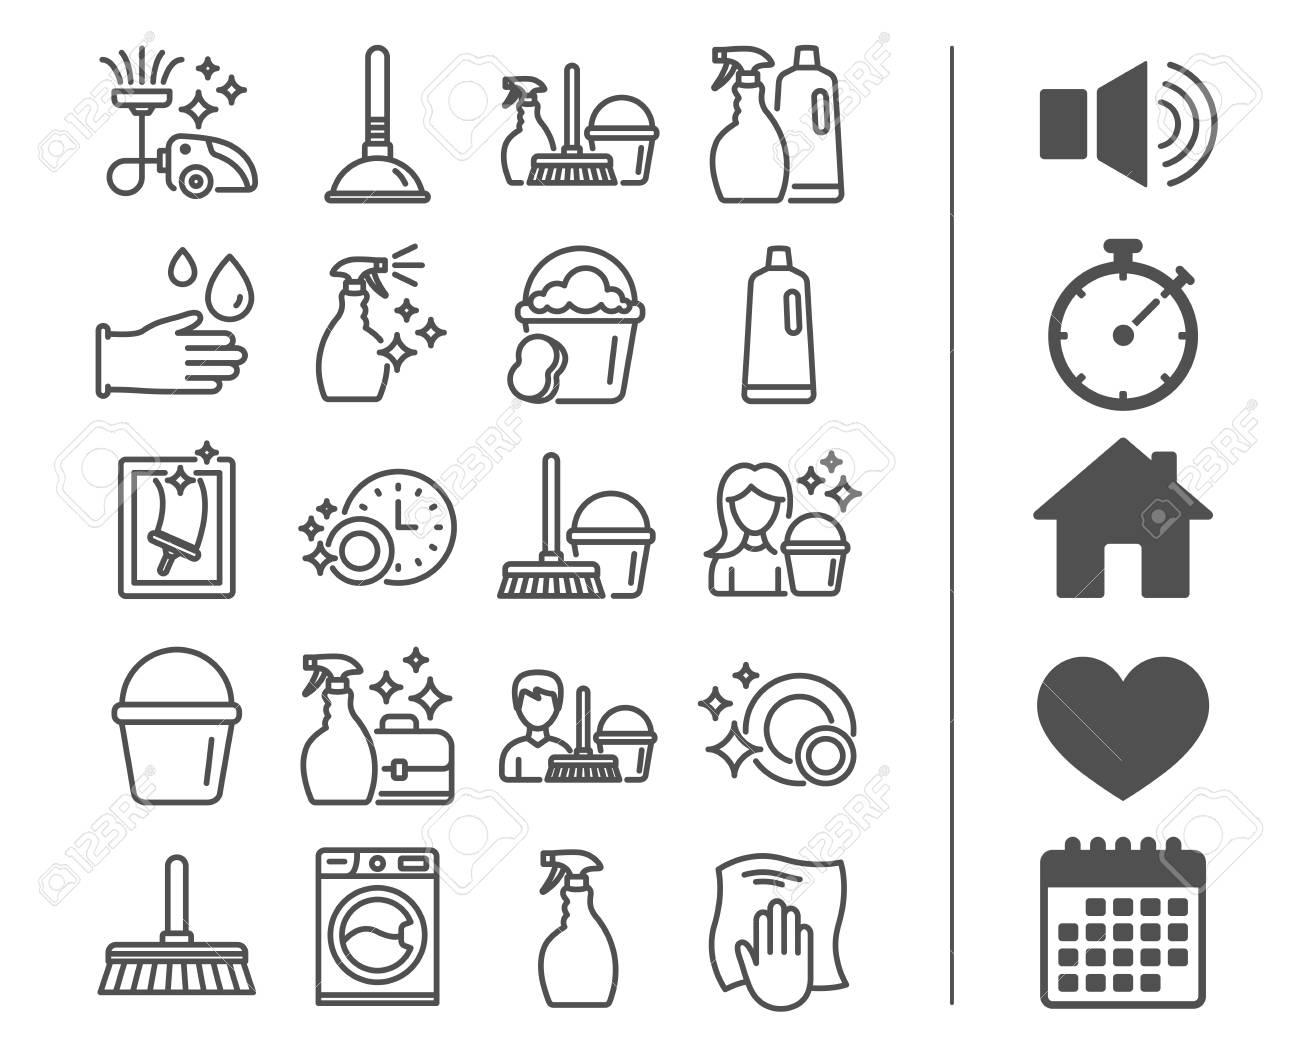 Reinigungslinie Symbole Zeichen Für Wäsche Schwamm Und Staubsauger